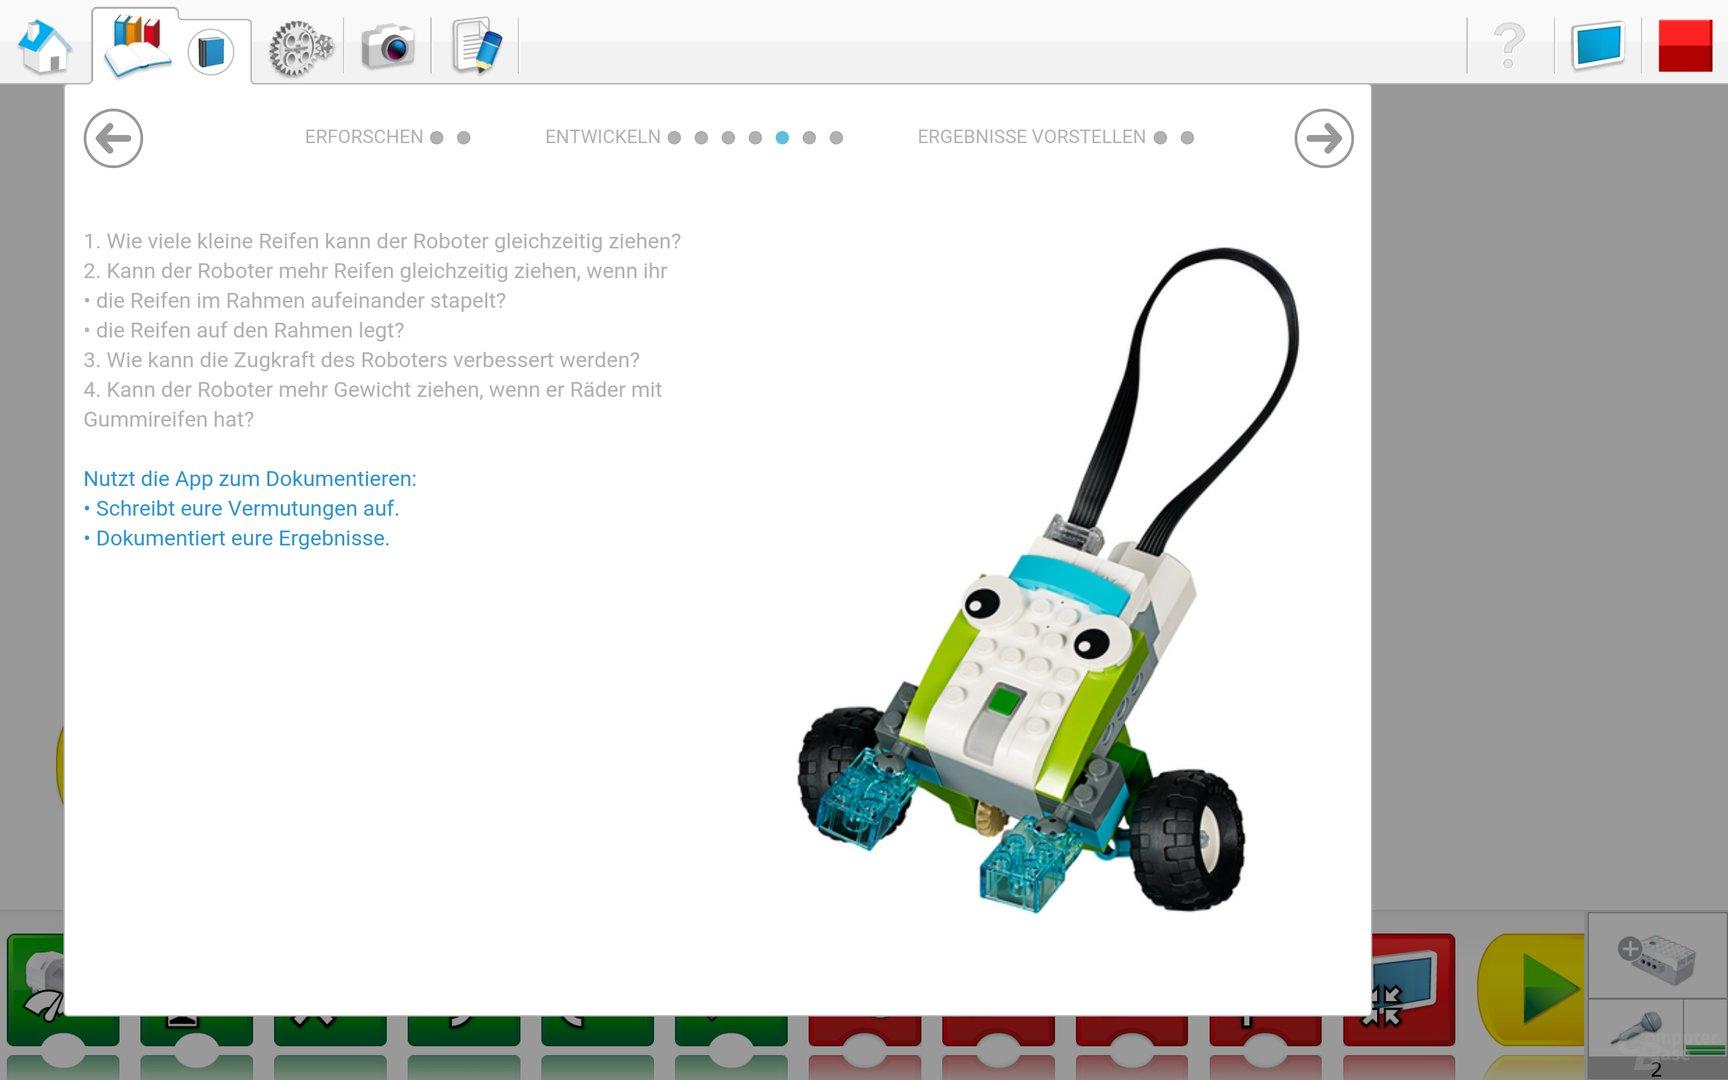 Lego WeDo 2.0 Android App – Weitere Fragen